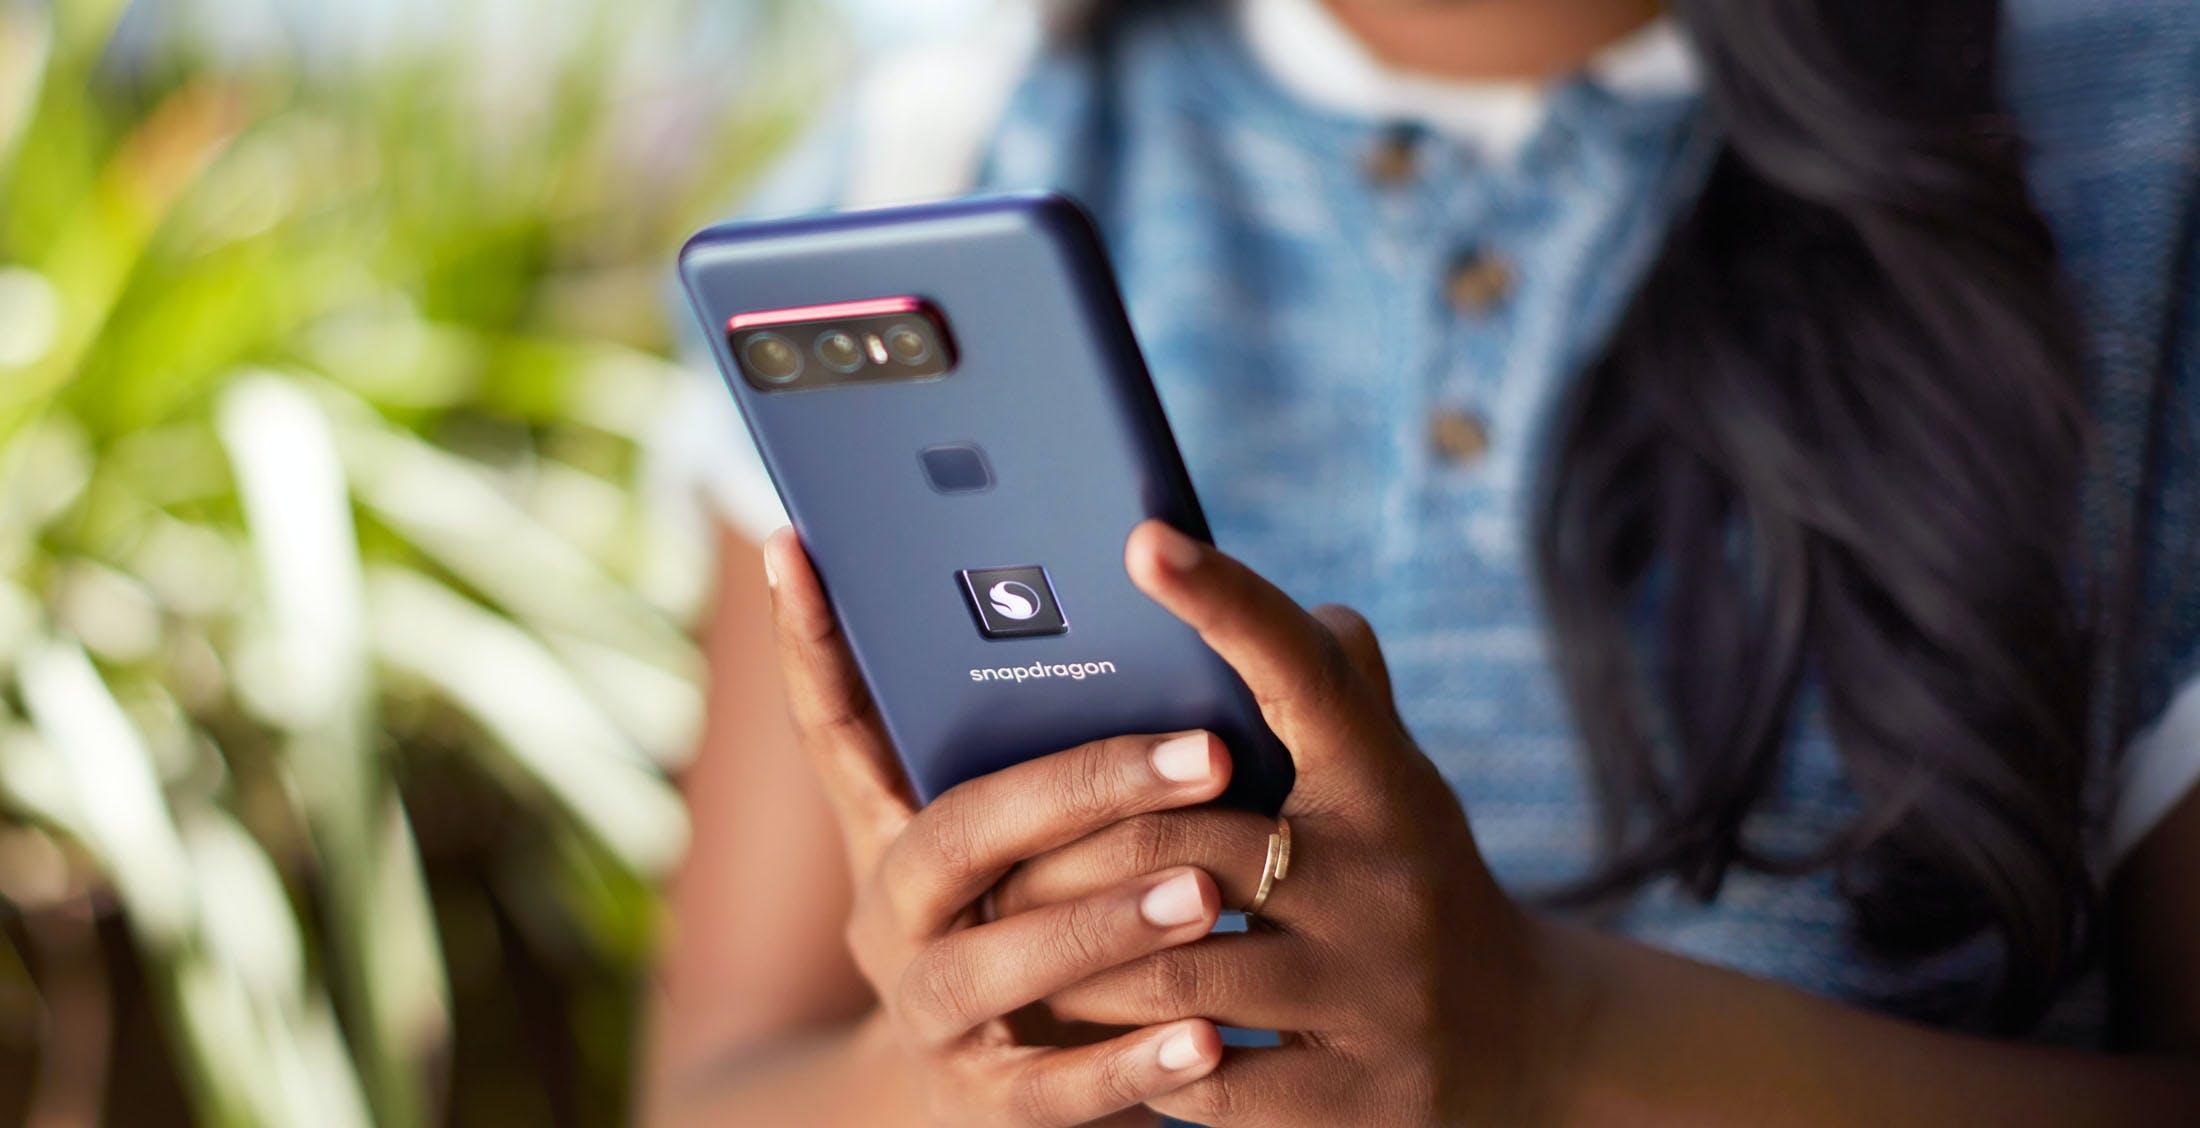 Questo è il costoso telefono dedicato ai fan dello Snapdragon. Qualcomm lo ha fatto produrre ad Asus